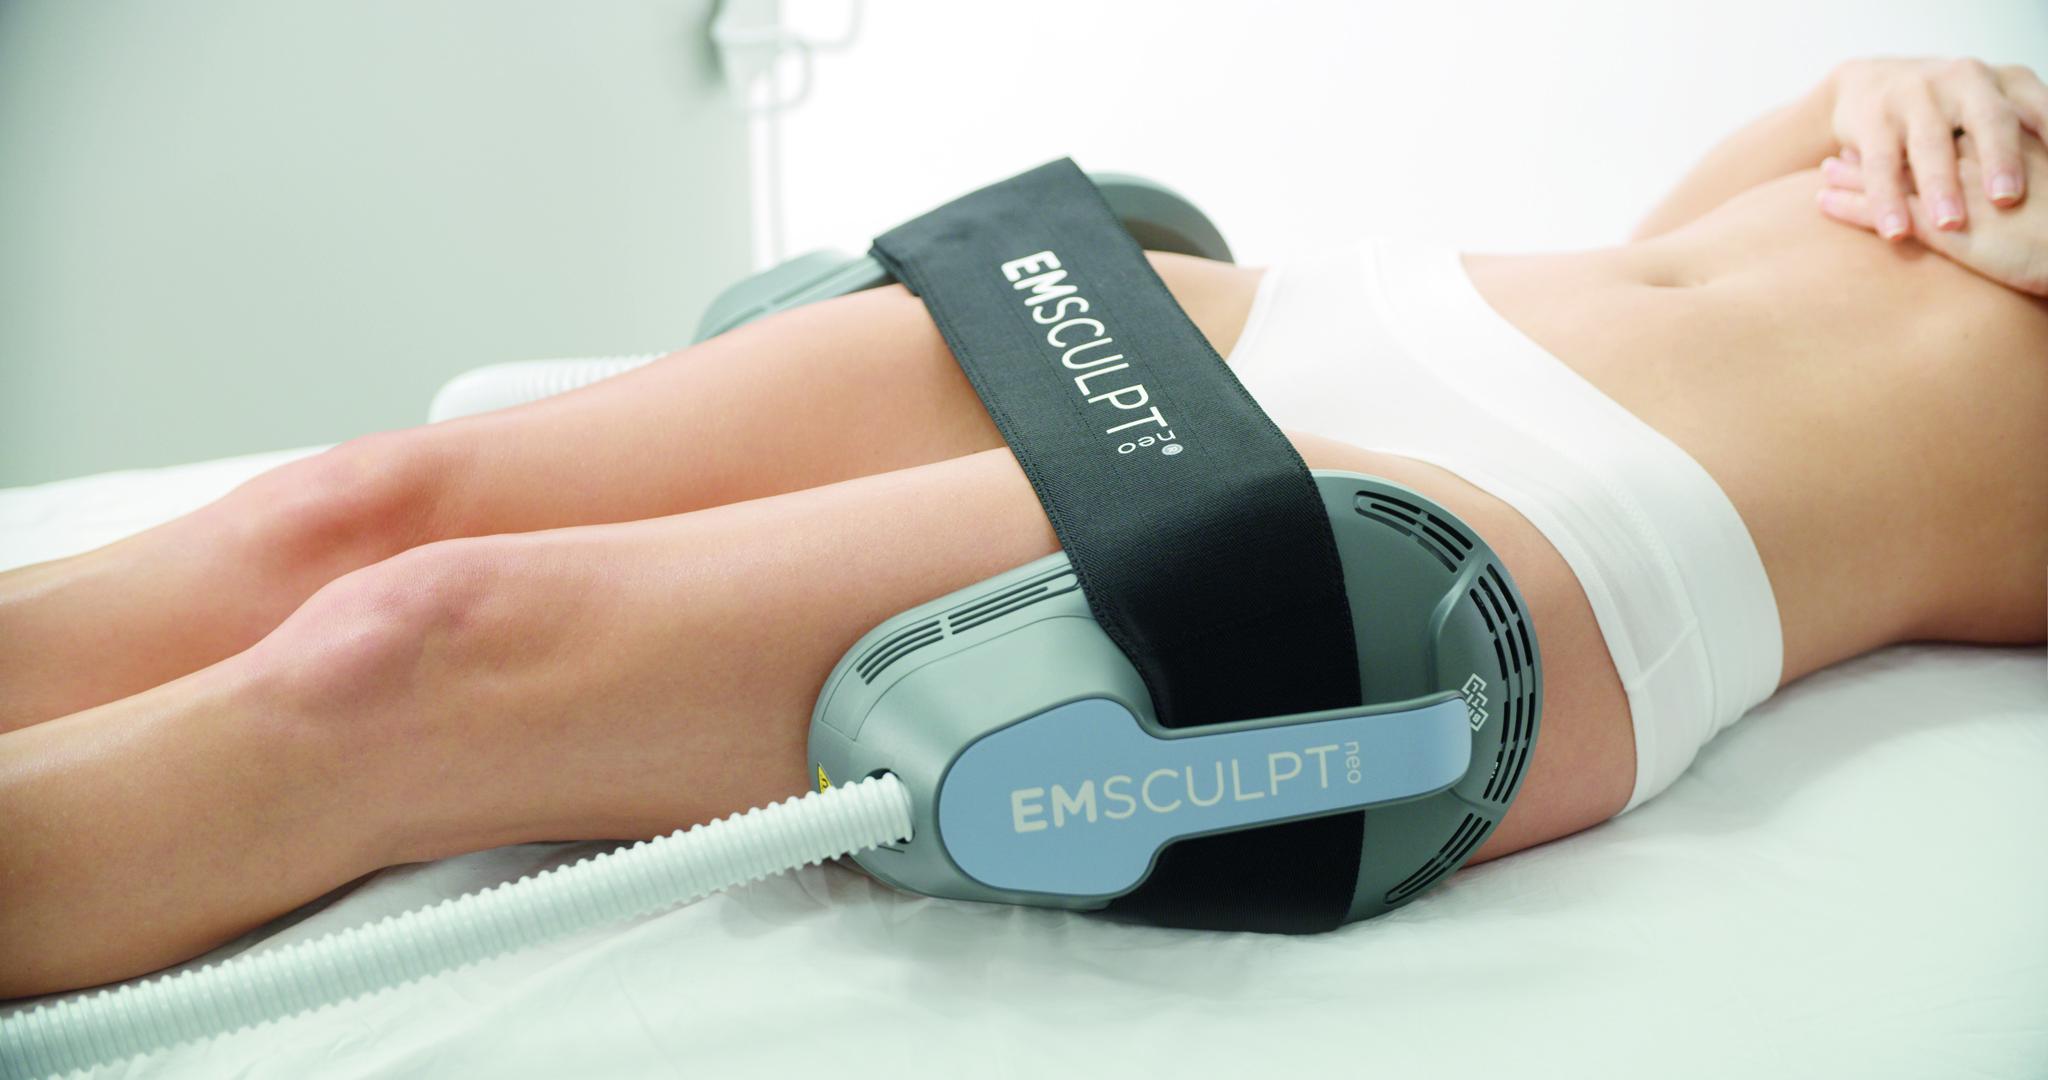 Emsculpt NEO treats outer thighs